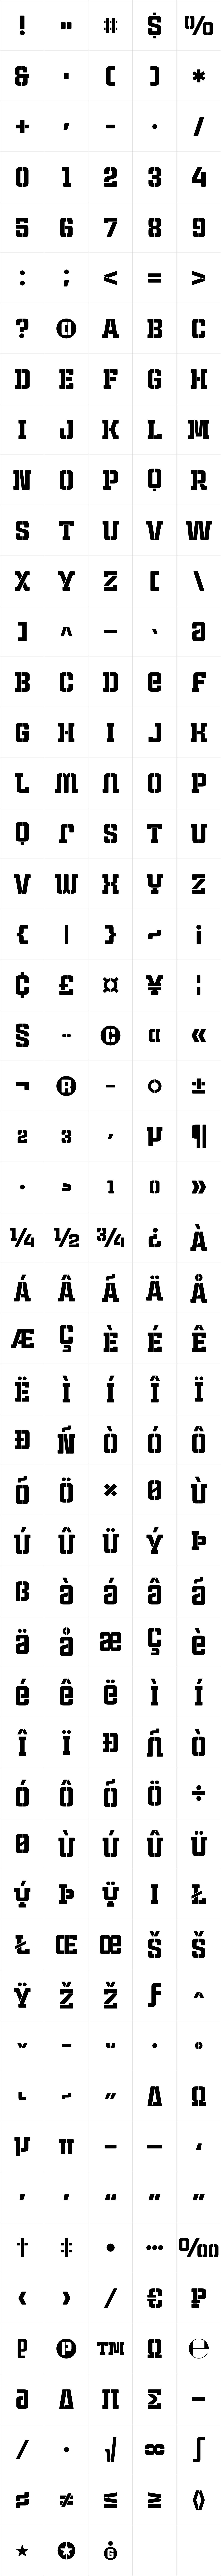 Cintra Slab Stencil Unicase